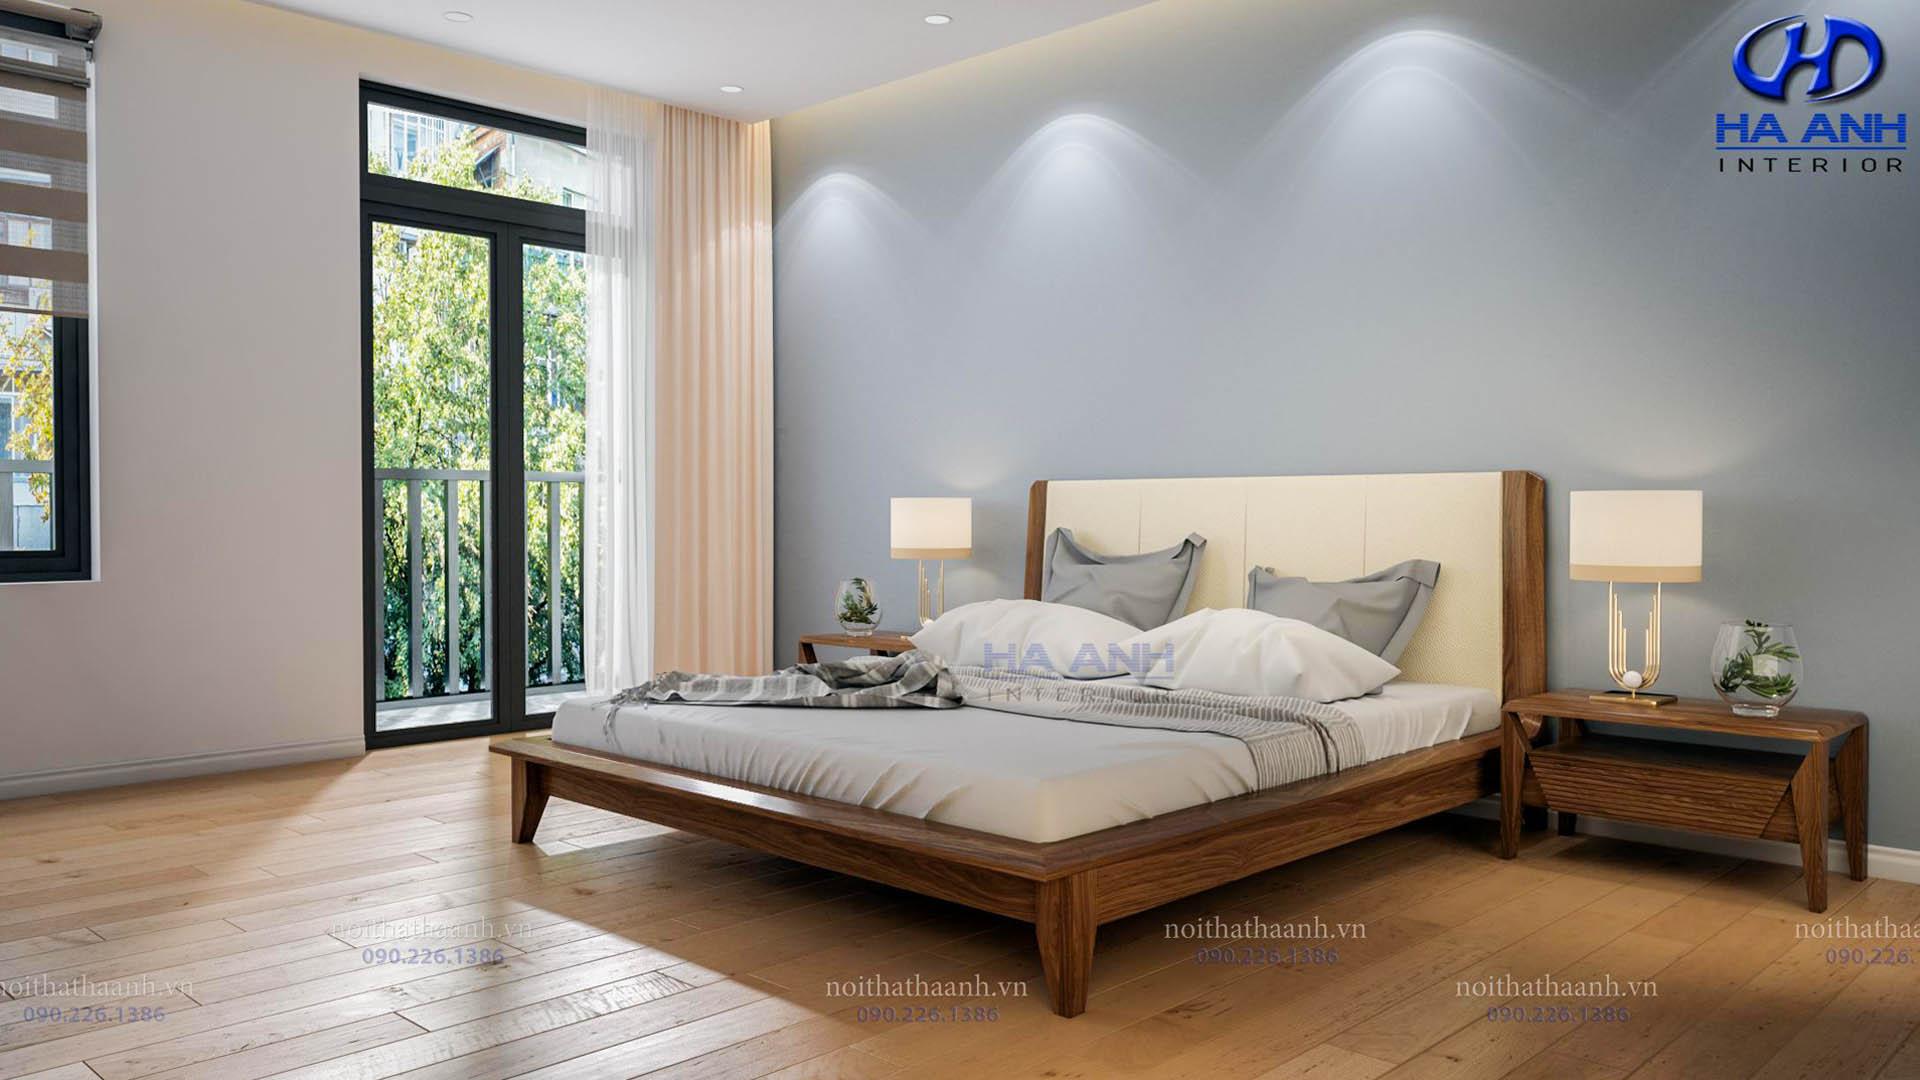 Giường ngủ gỗ Óc Chó Hà Anh HAT- 0247